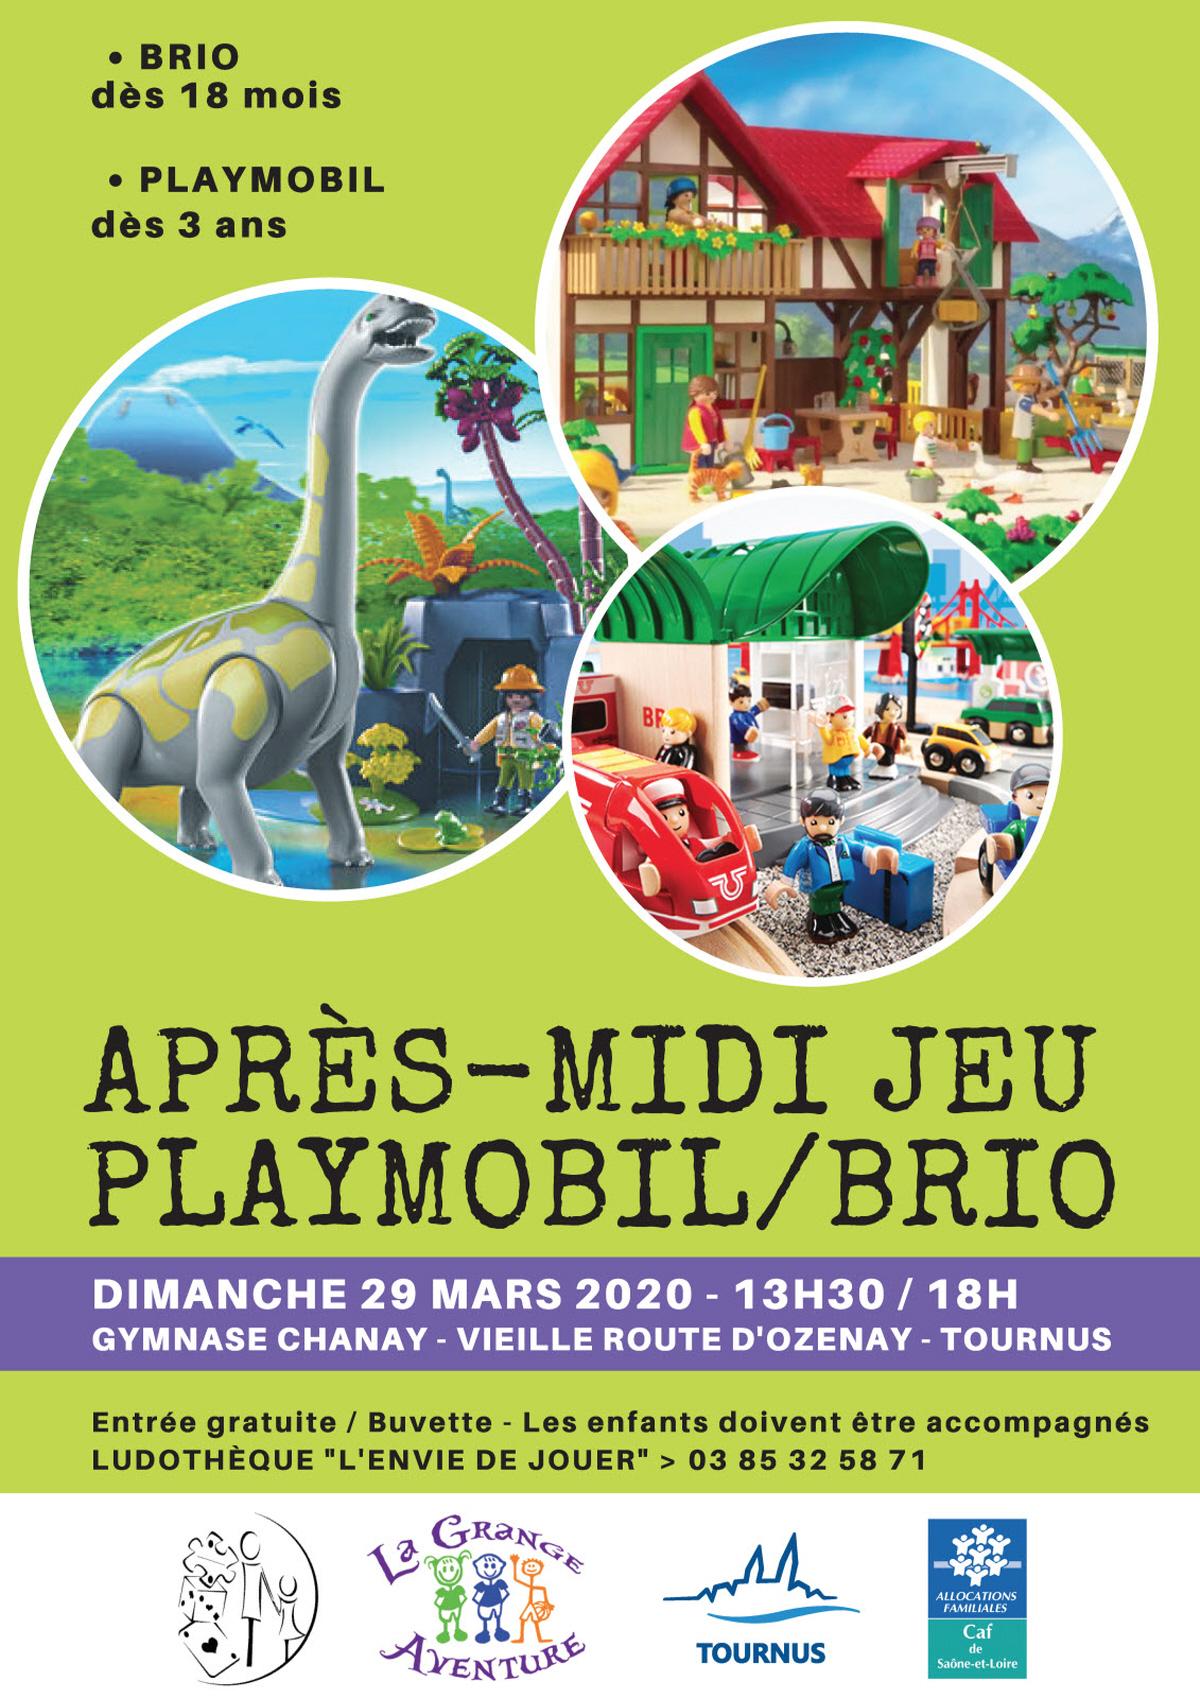 Apres Midi Jeu Playmobil/brio : Jeu, Concours A Tournus à Jeux Enfant 3 Ans Gratuit